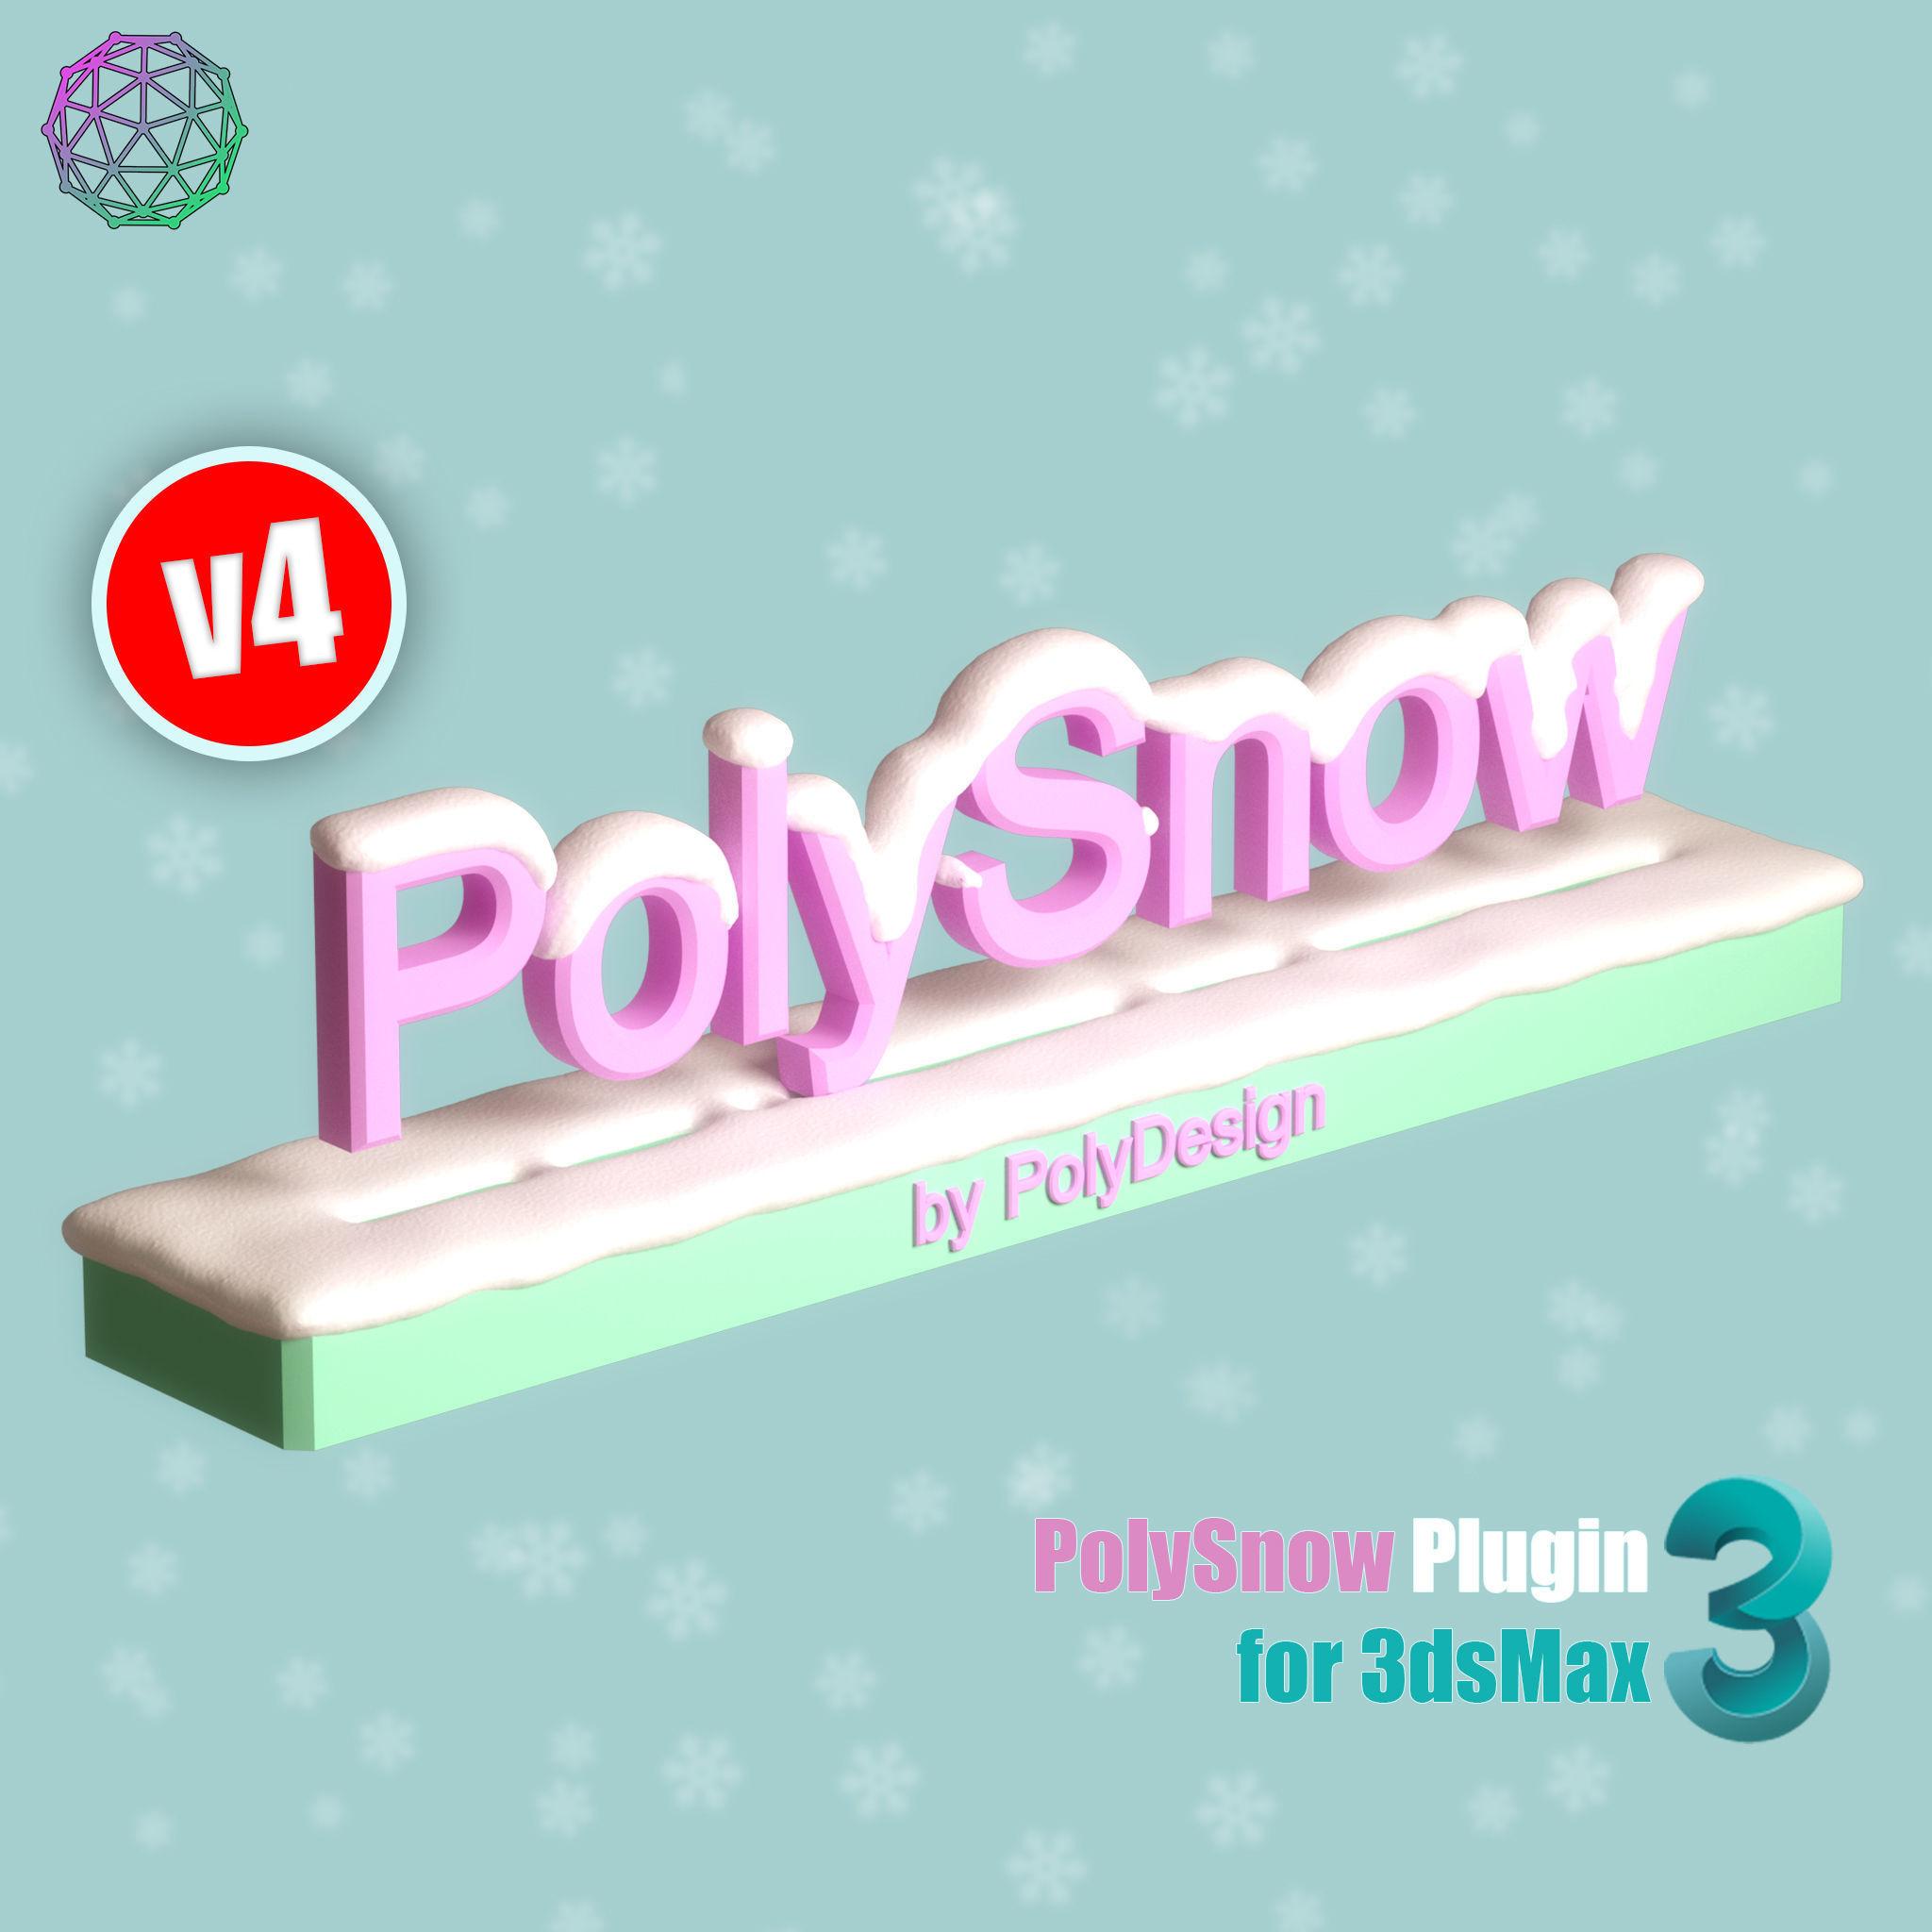 PolySnow V4 for 3dsmax